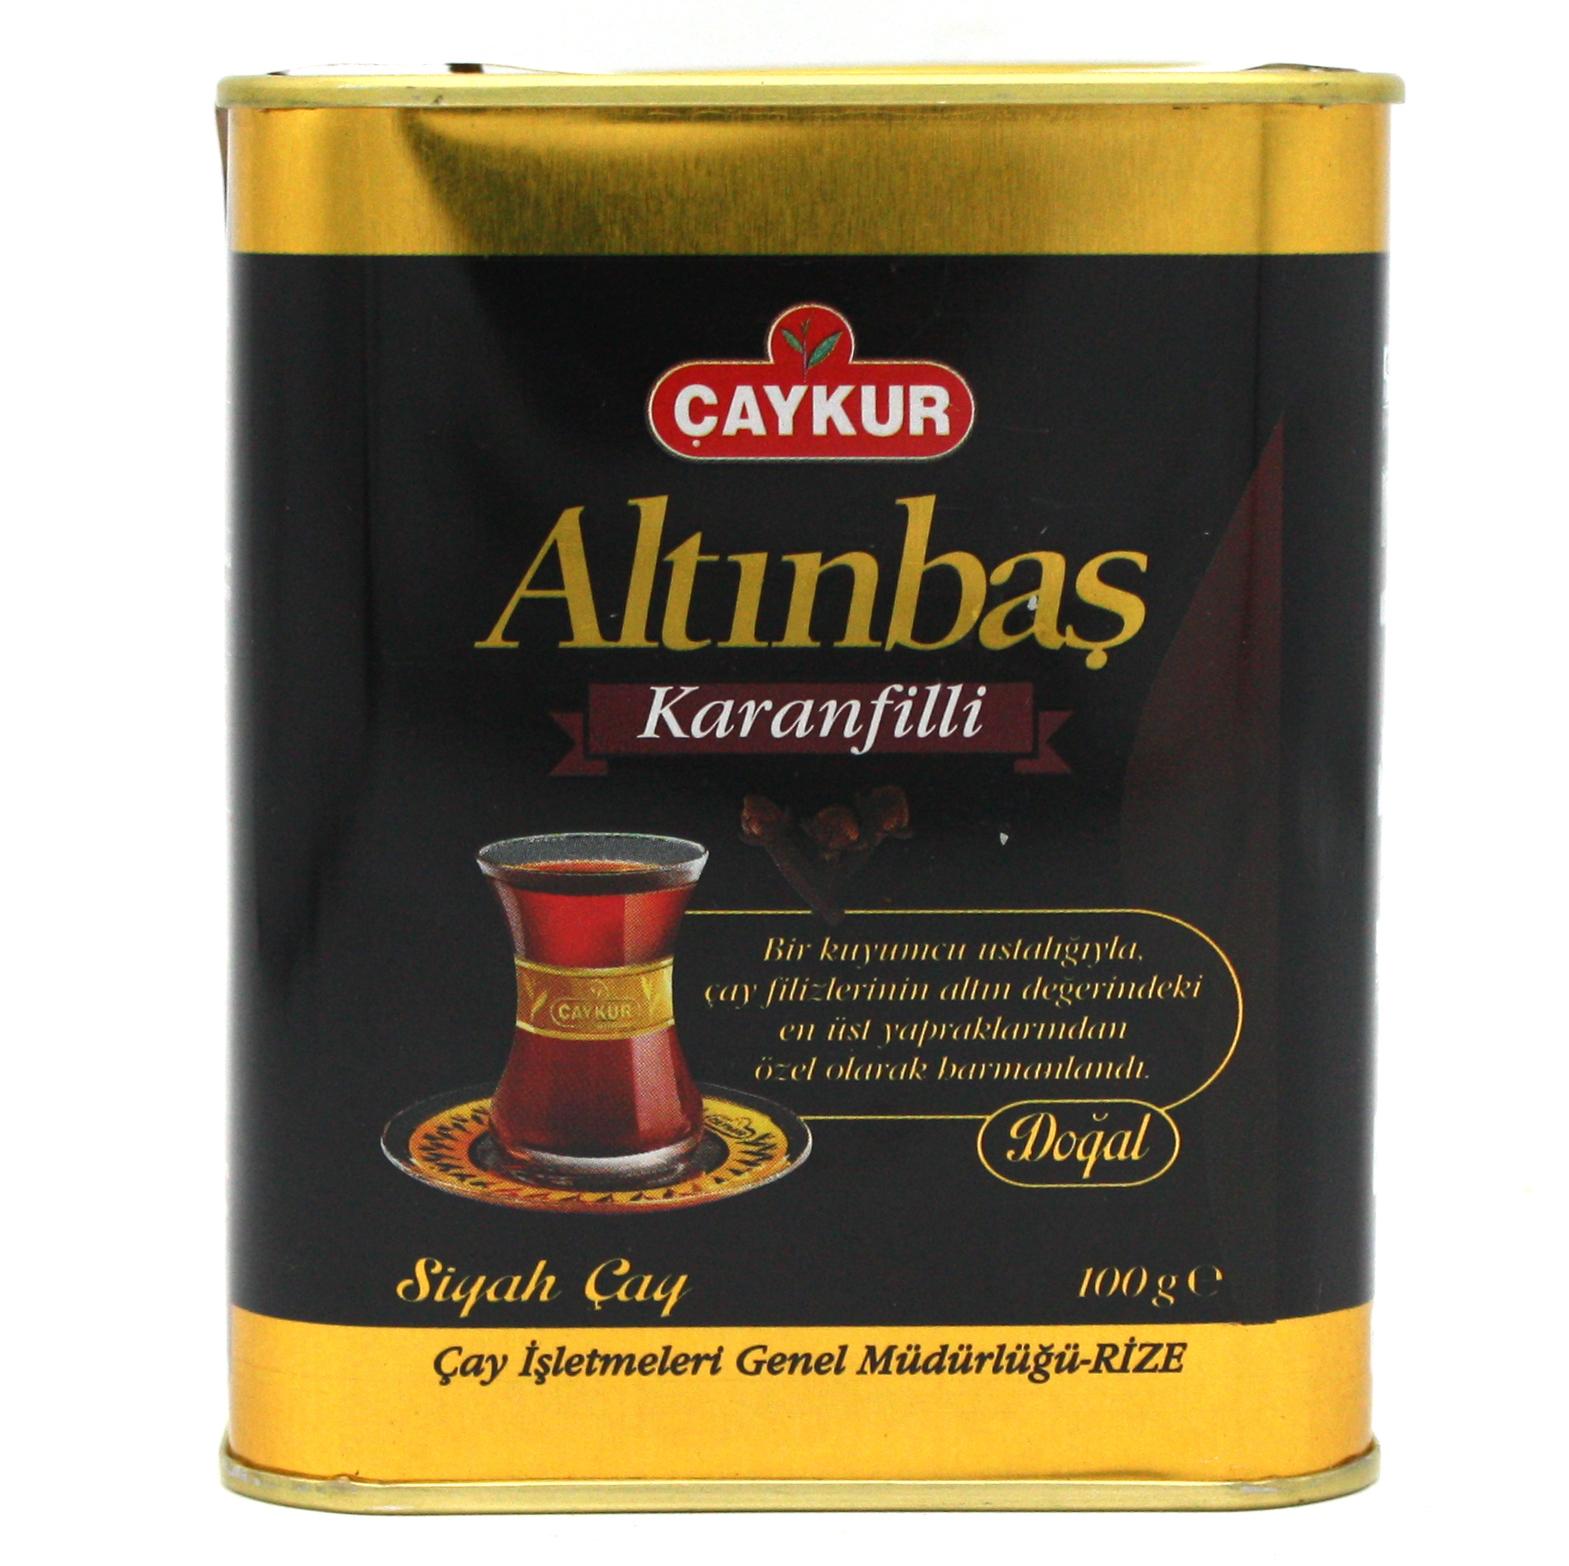 Чай Турецкий черный чай с гвоздикой Altinbas, Çaykur, 100 г import_files_d9_d9ec985c34d611e9a9a6484d7ecee297_727868f935b211e9a9a6484d7ecee297.jpg